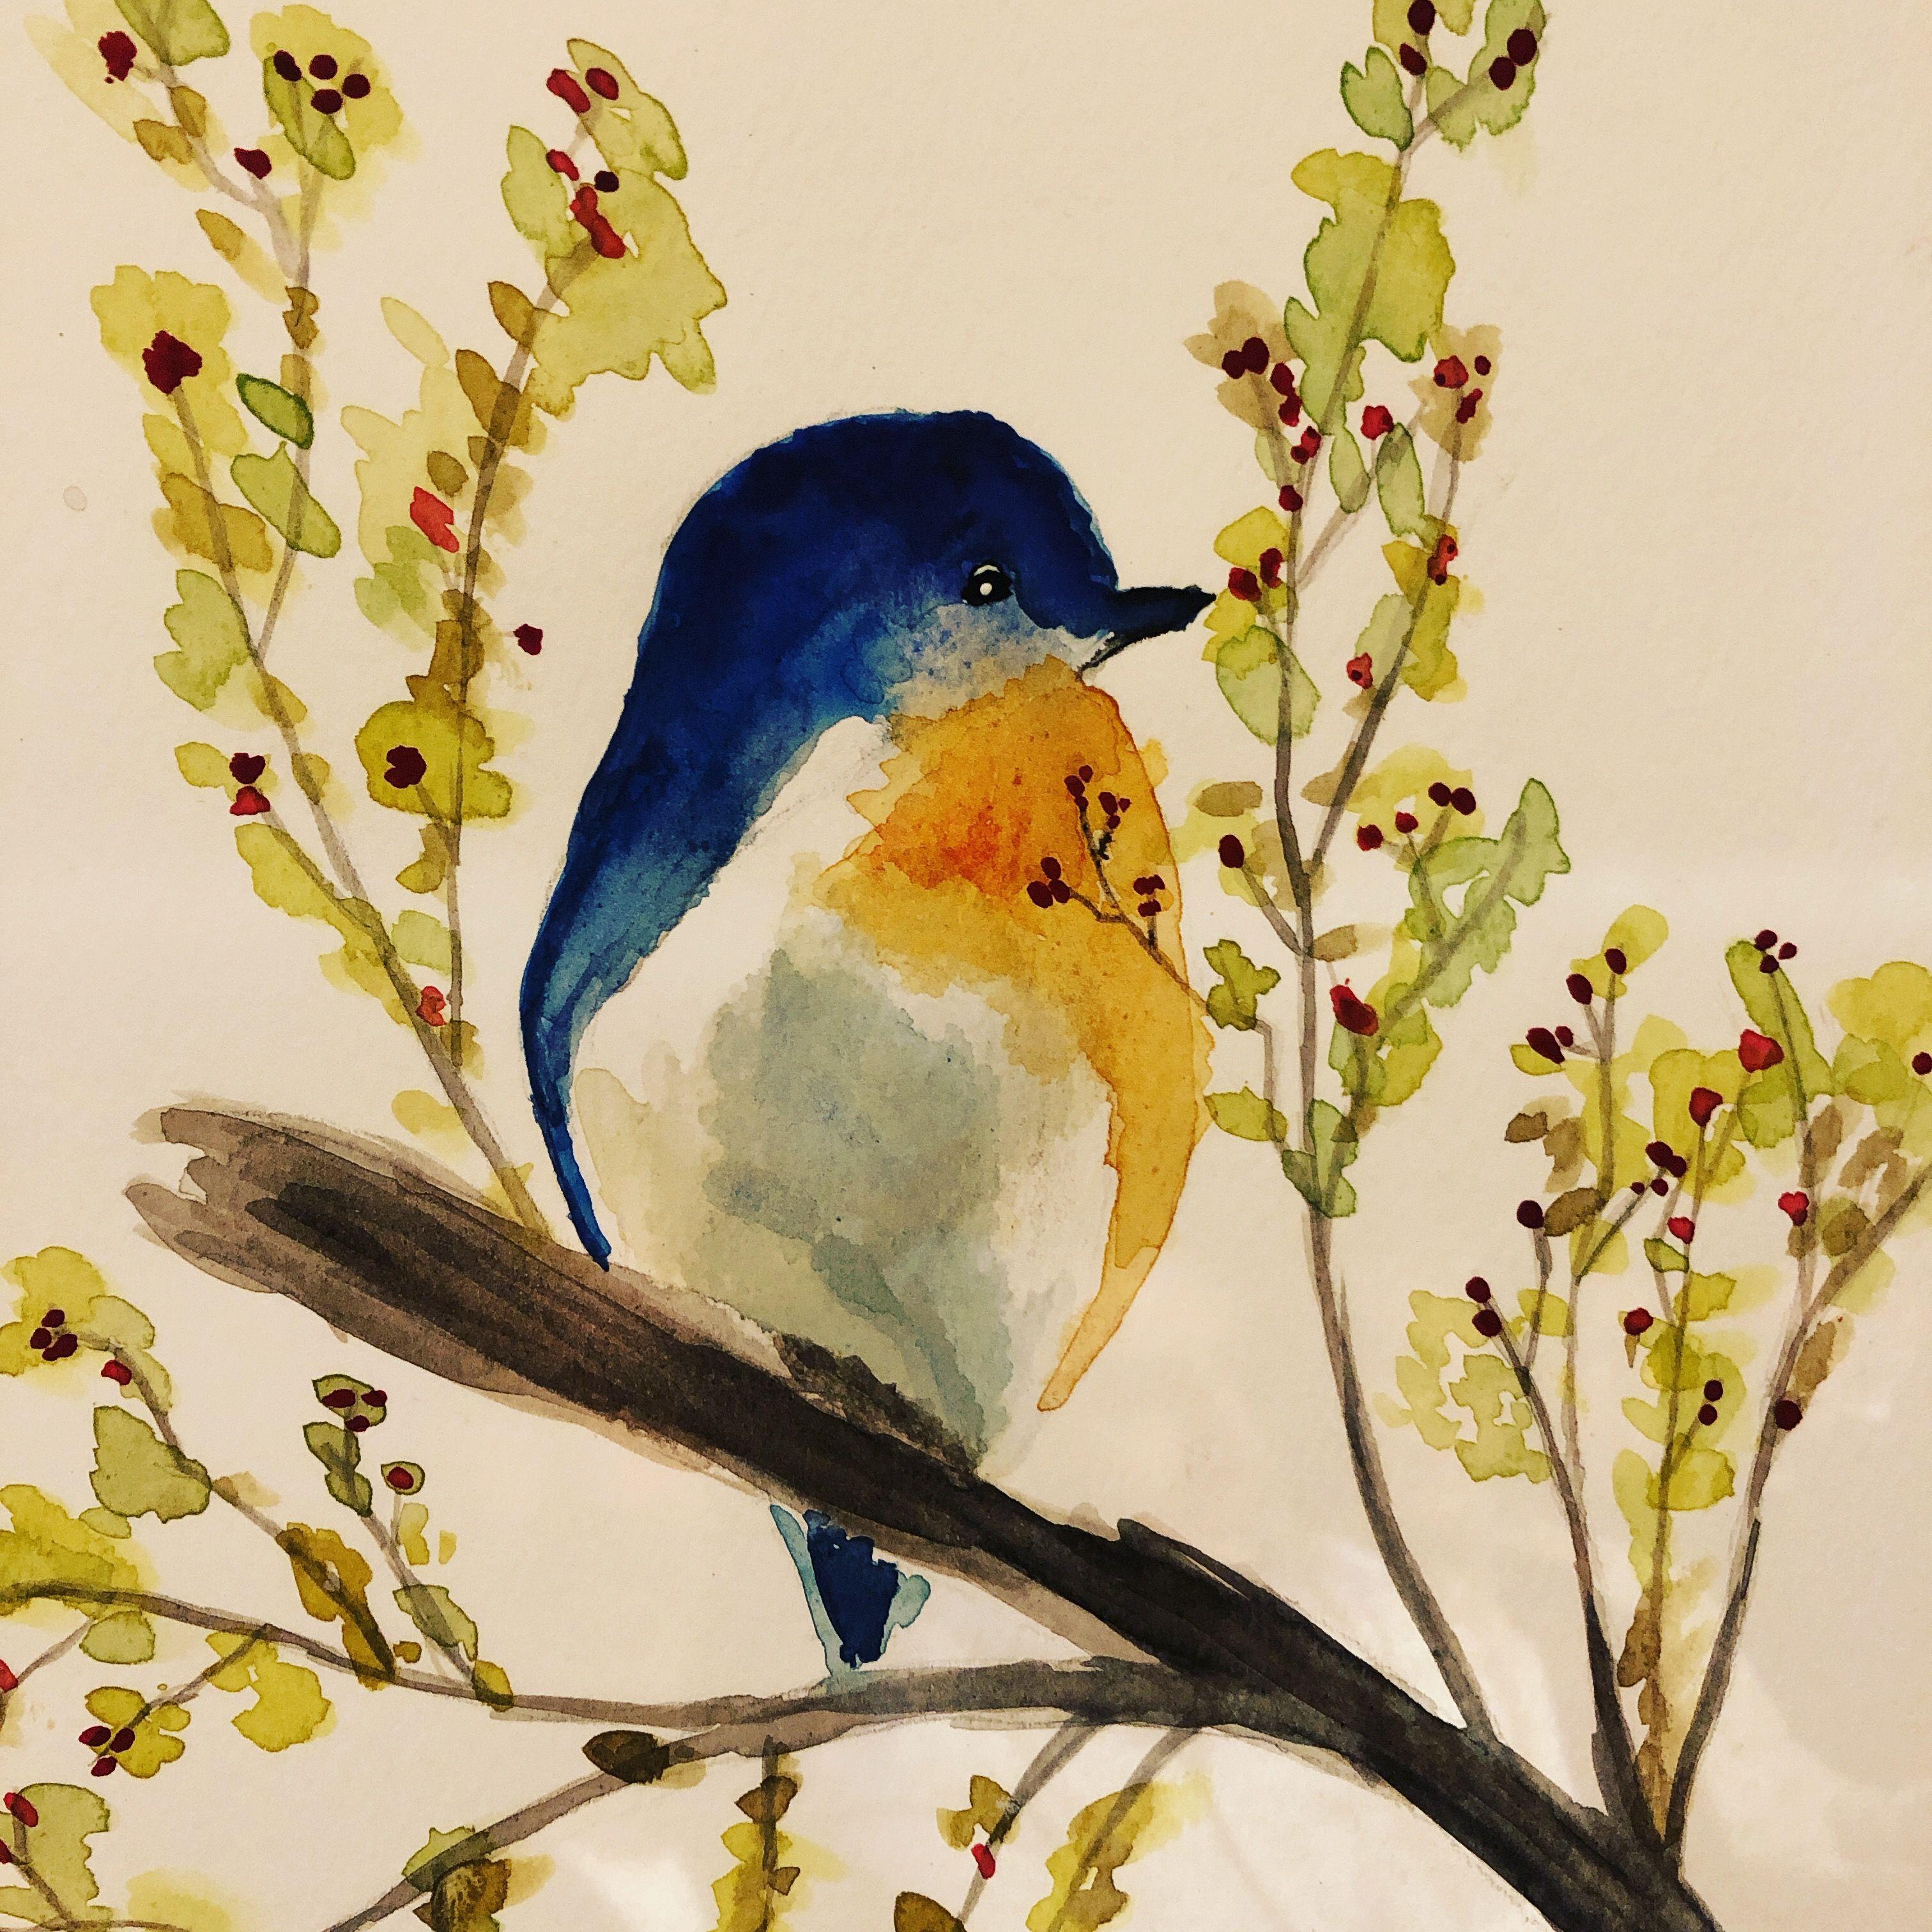 Watercolour Bird In 2019 Watercolor Bird Birds Painting